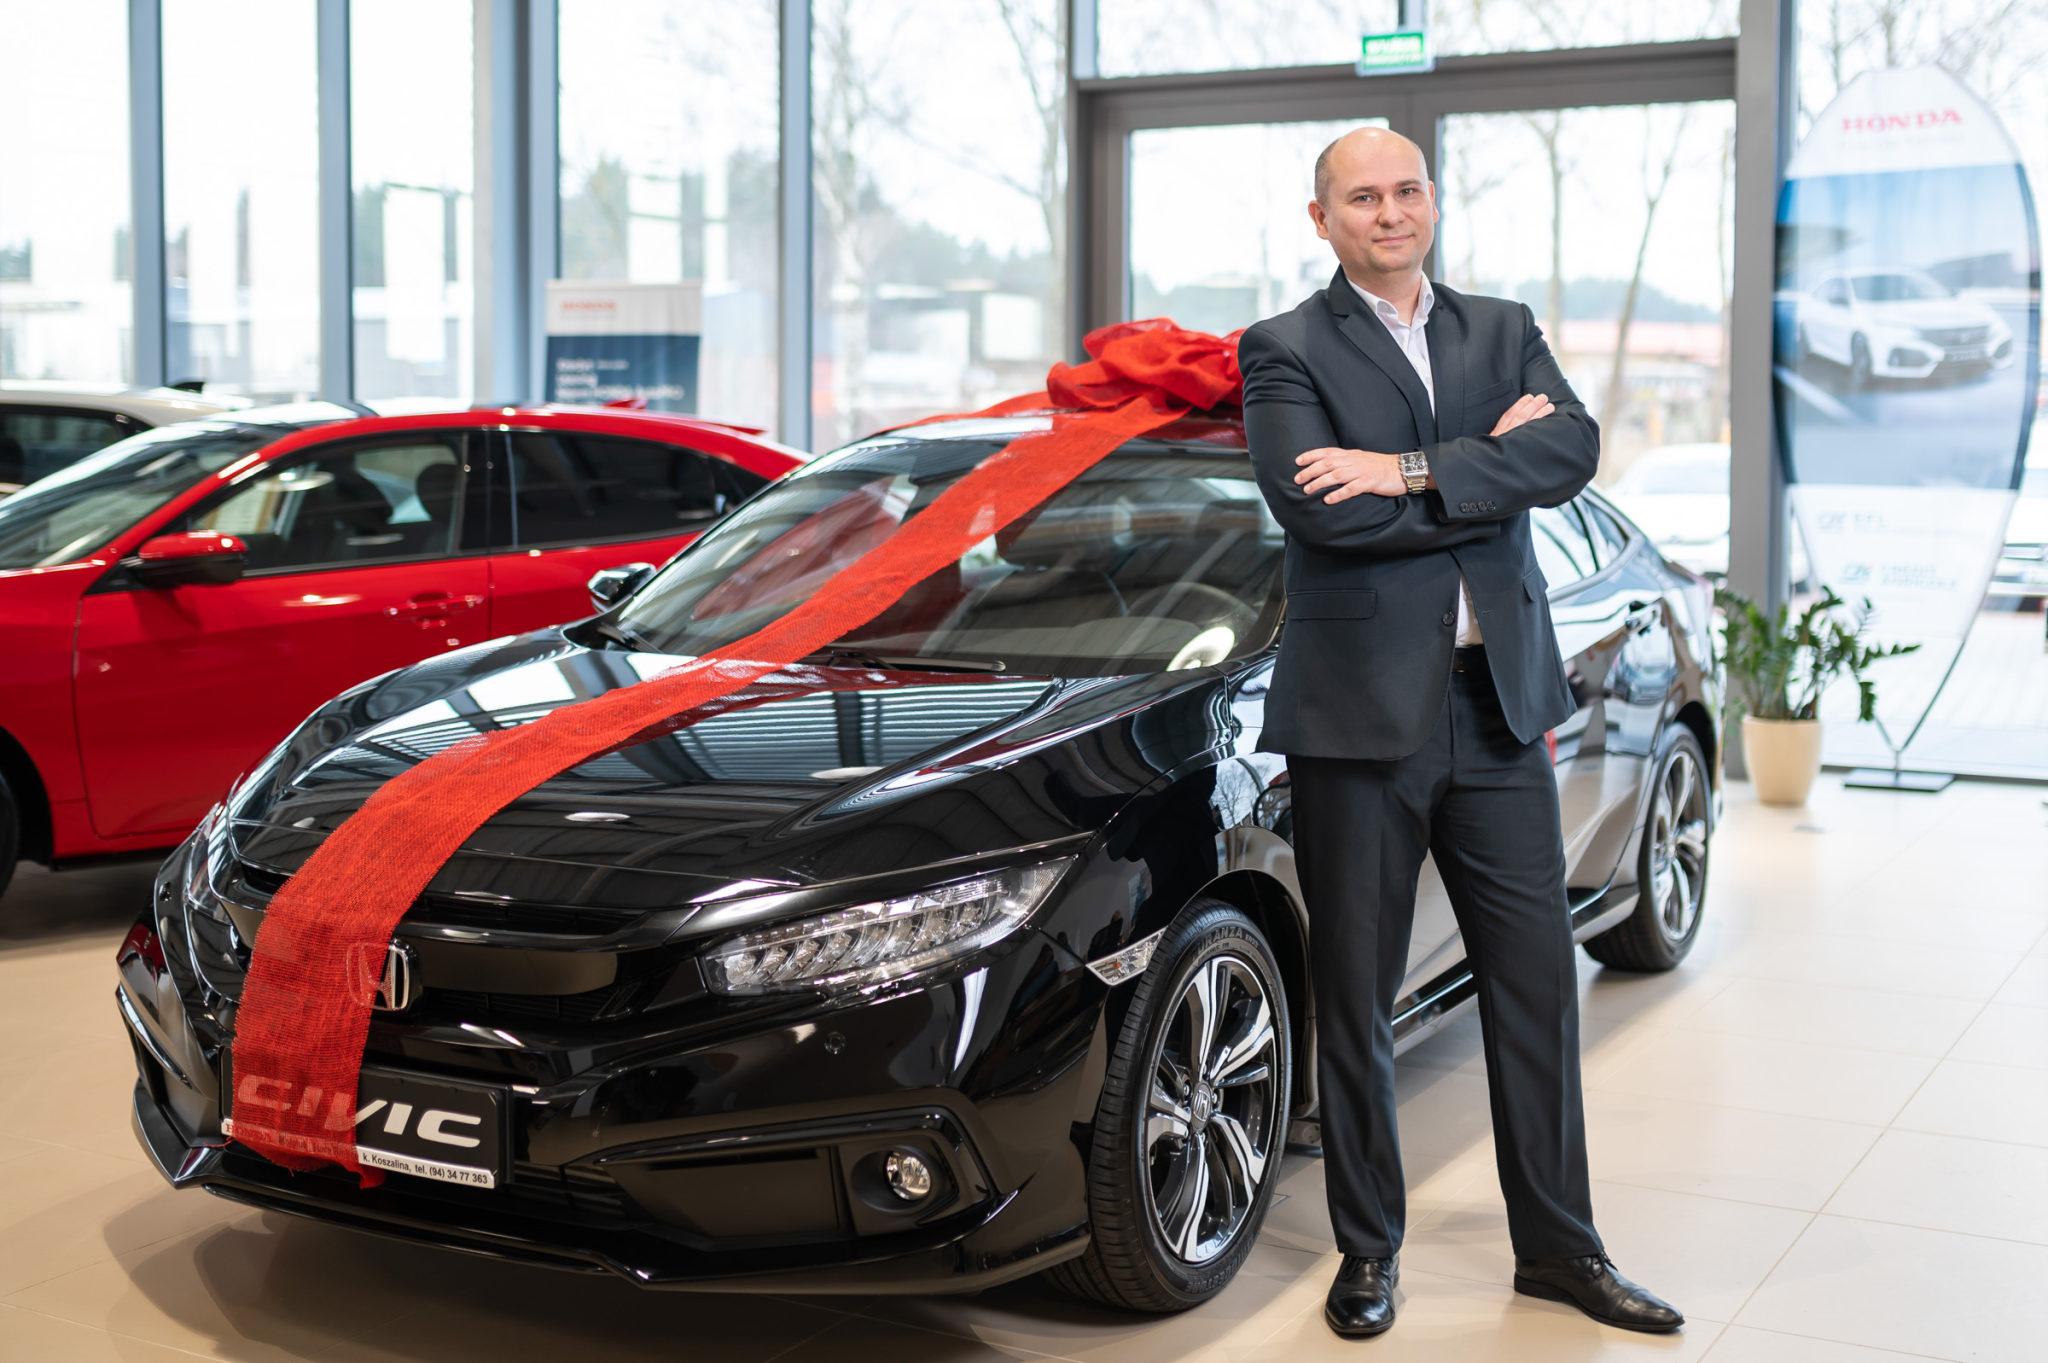 Honda Civic, którą w imieniu Świetego Mokołaja rekomenduje Jacek Rachwalski, kierownik salonu_